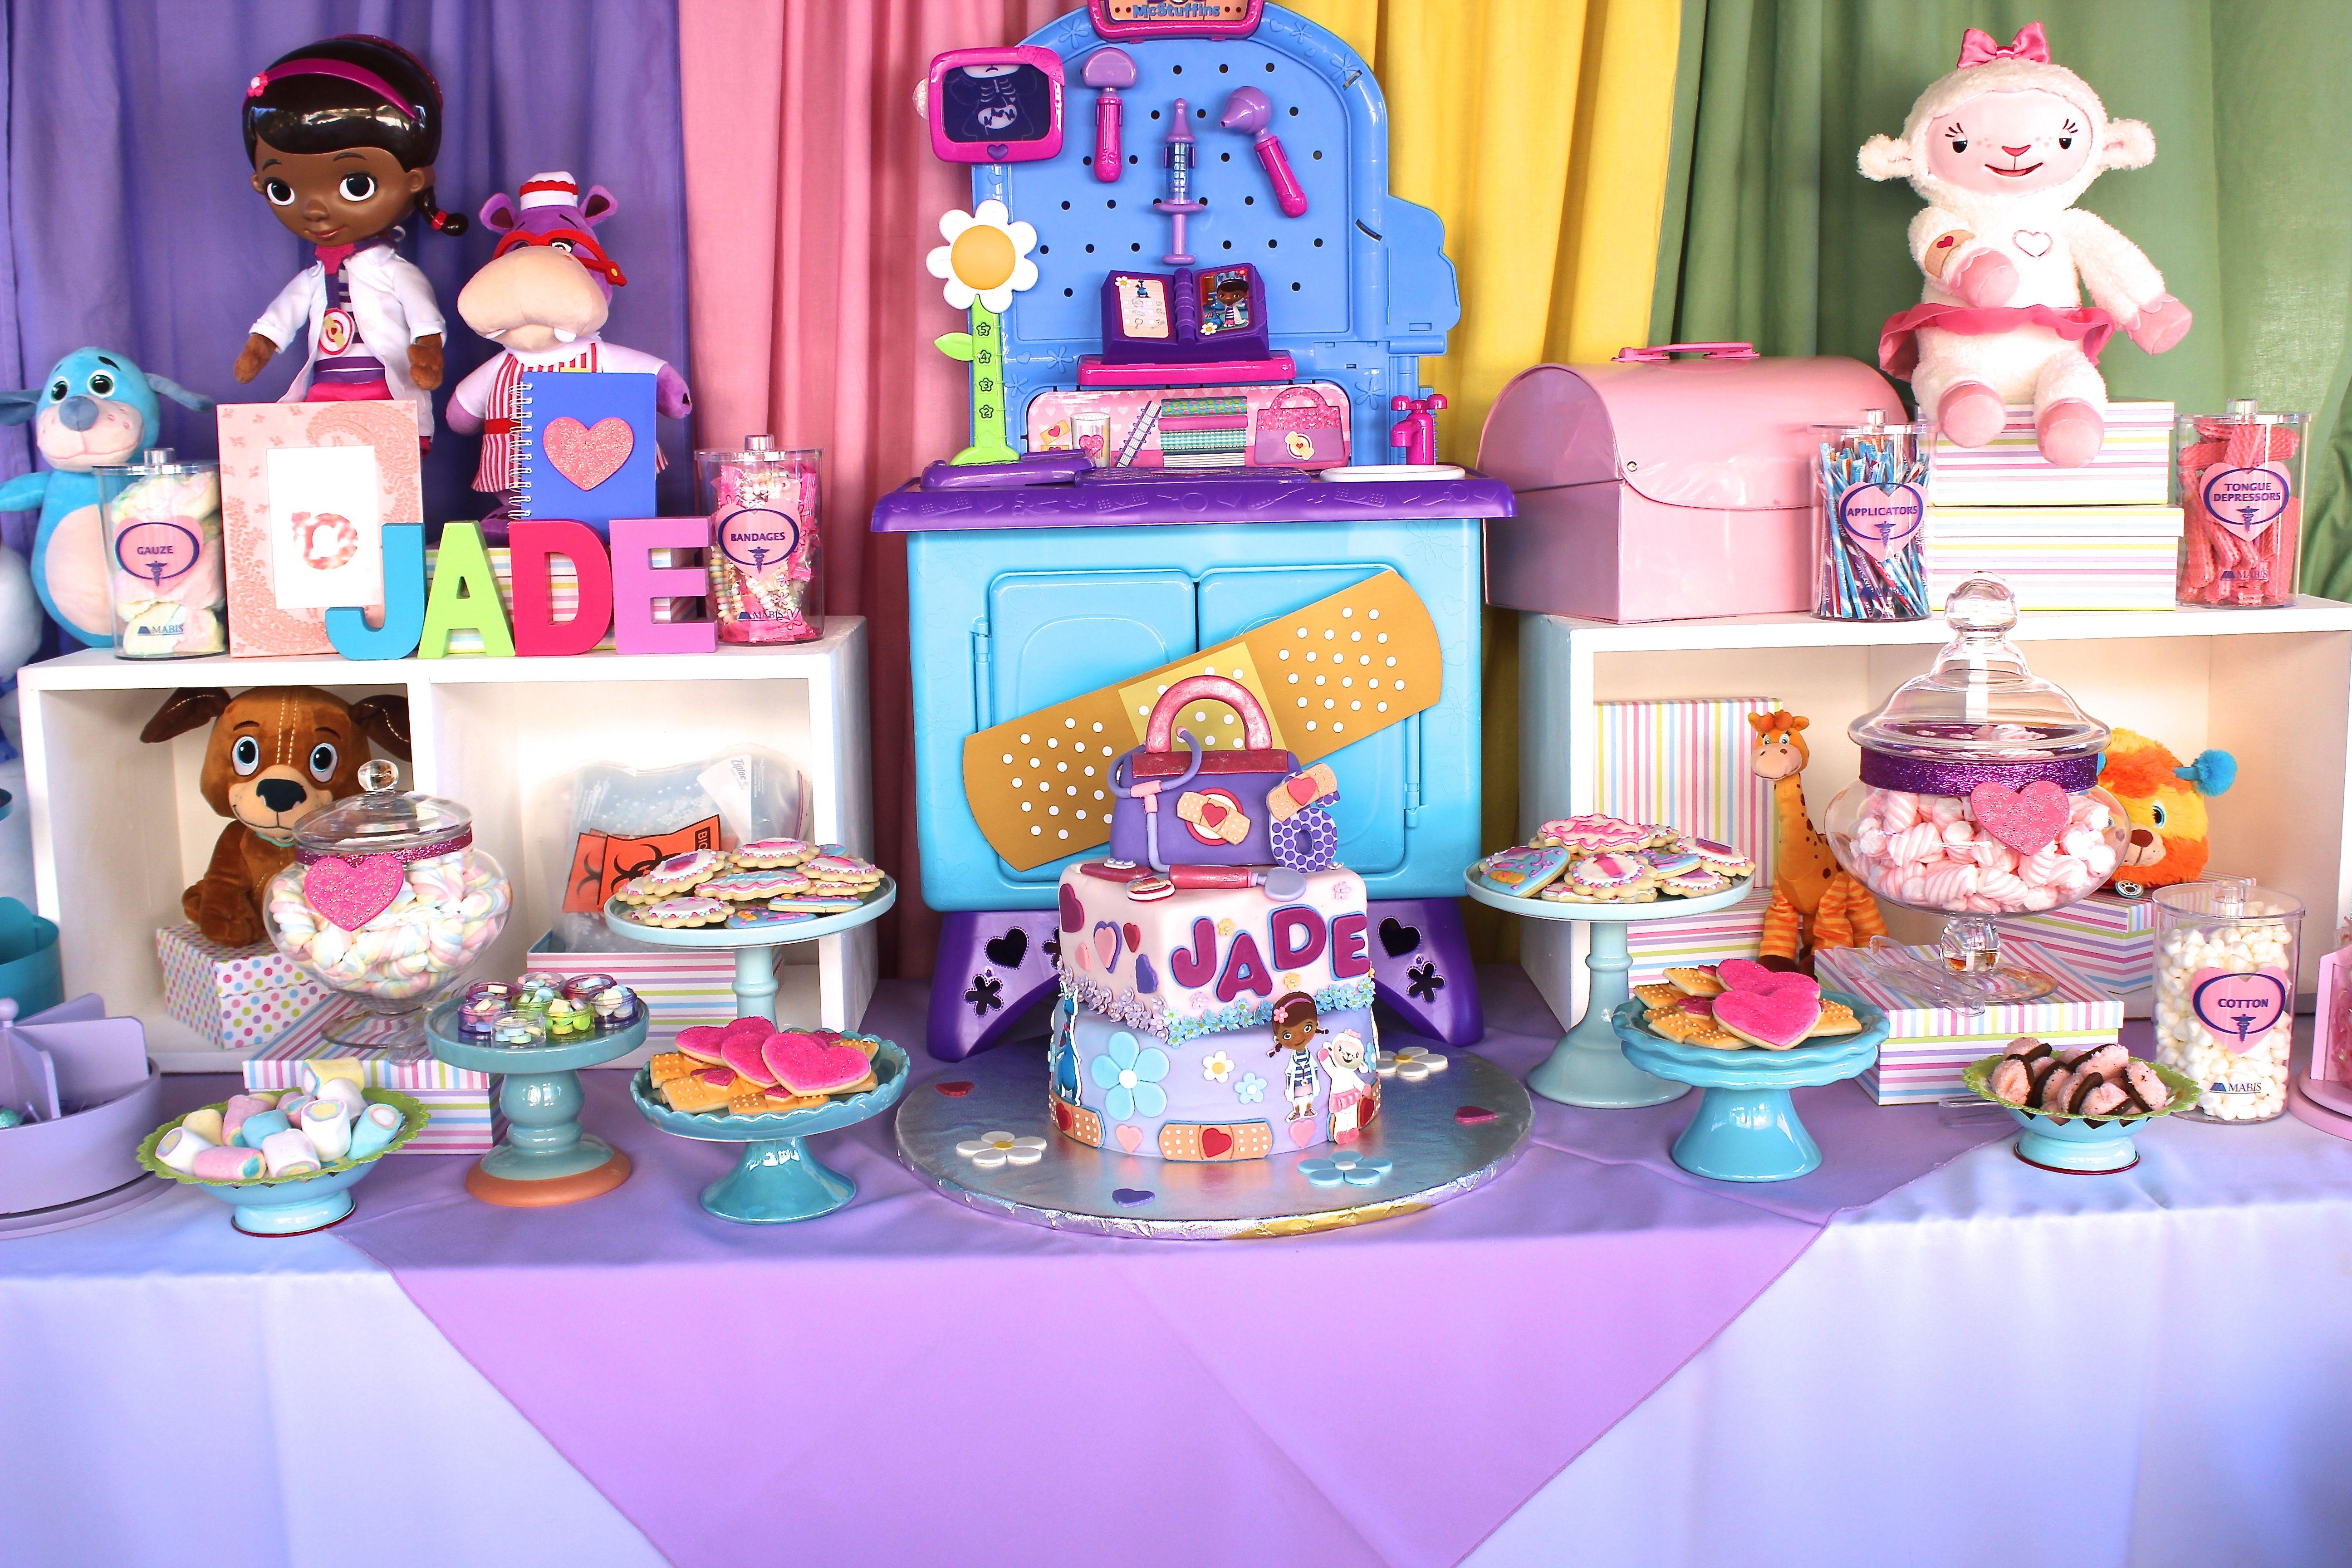 Doc mcstuffins bandages doc mcstuffins party ideas on pinterest doc - Doc Mcstuffins Candy Bar Cake Table